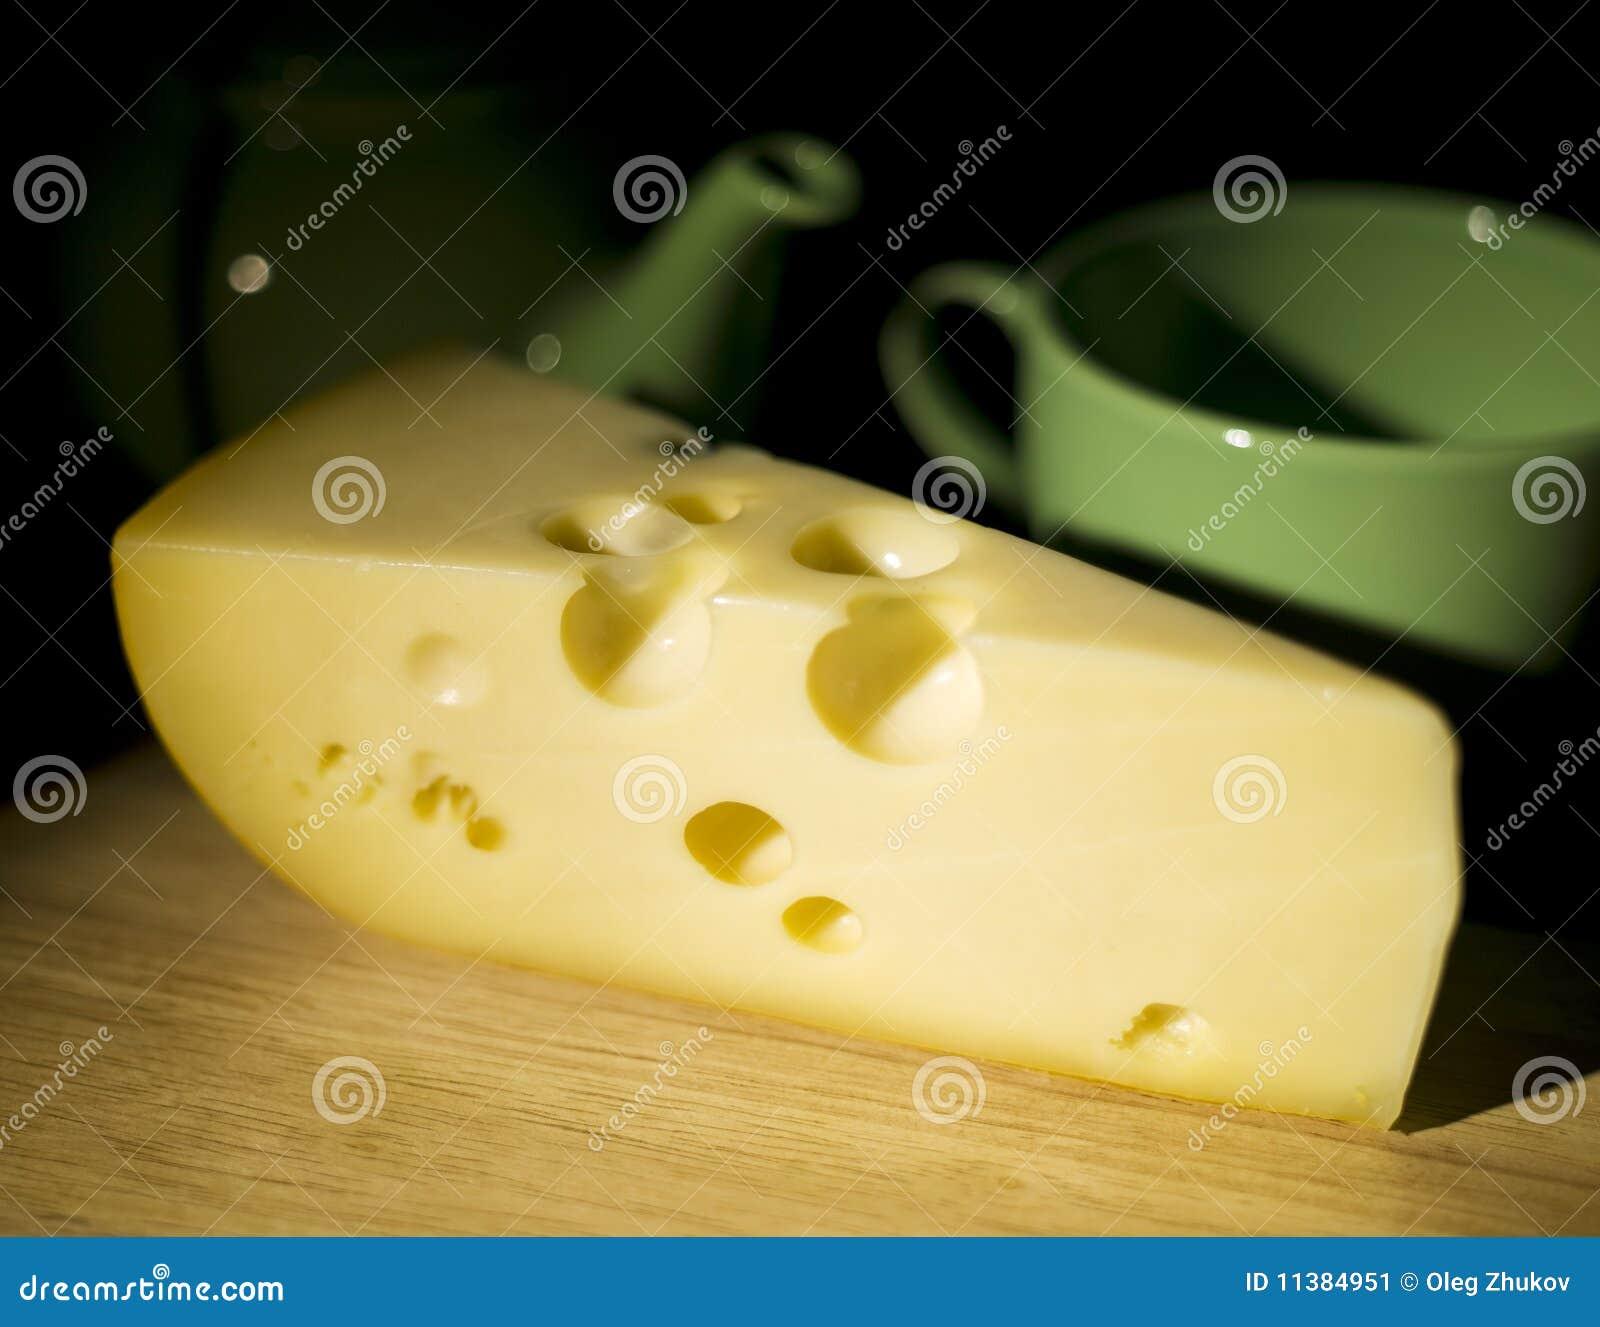 仍然干酪生活